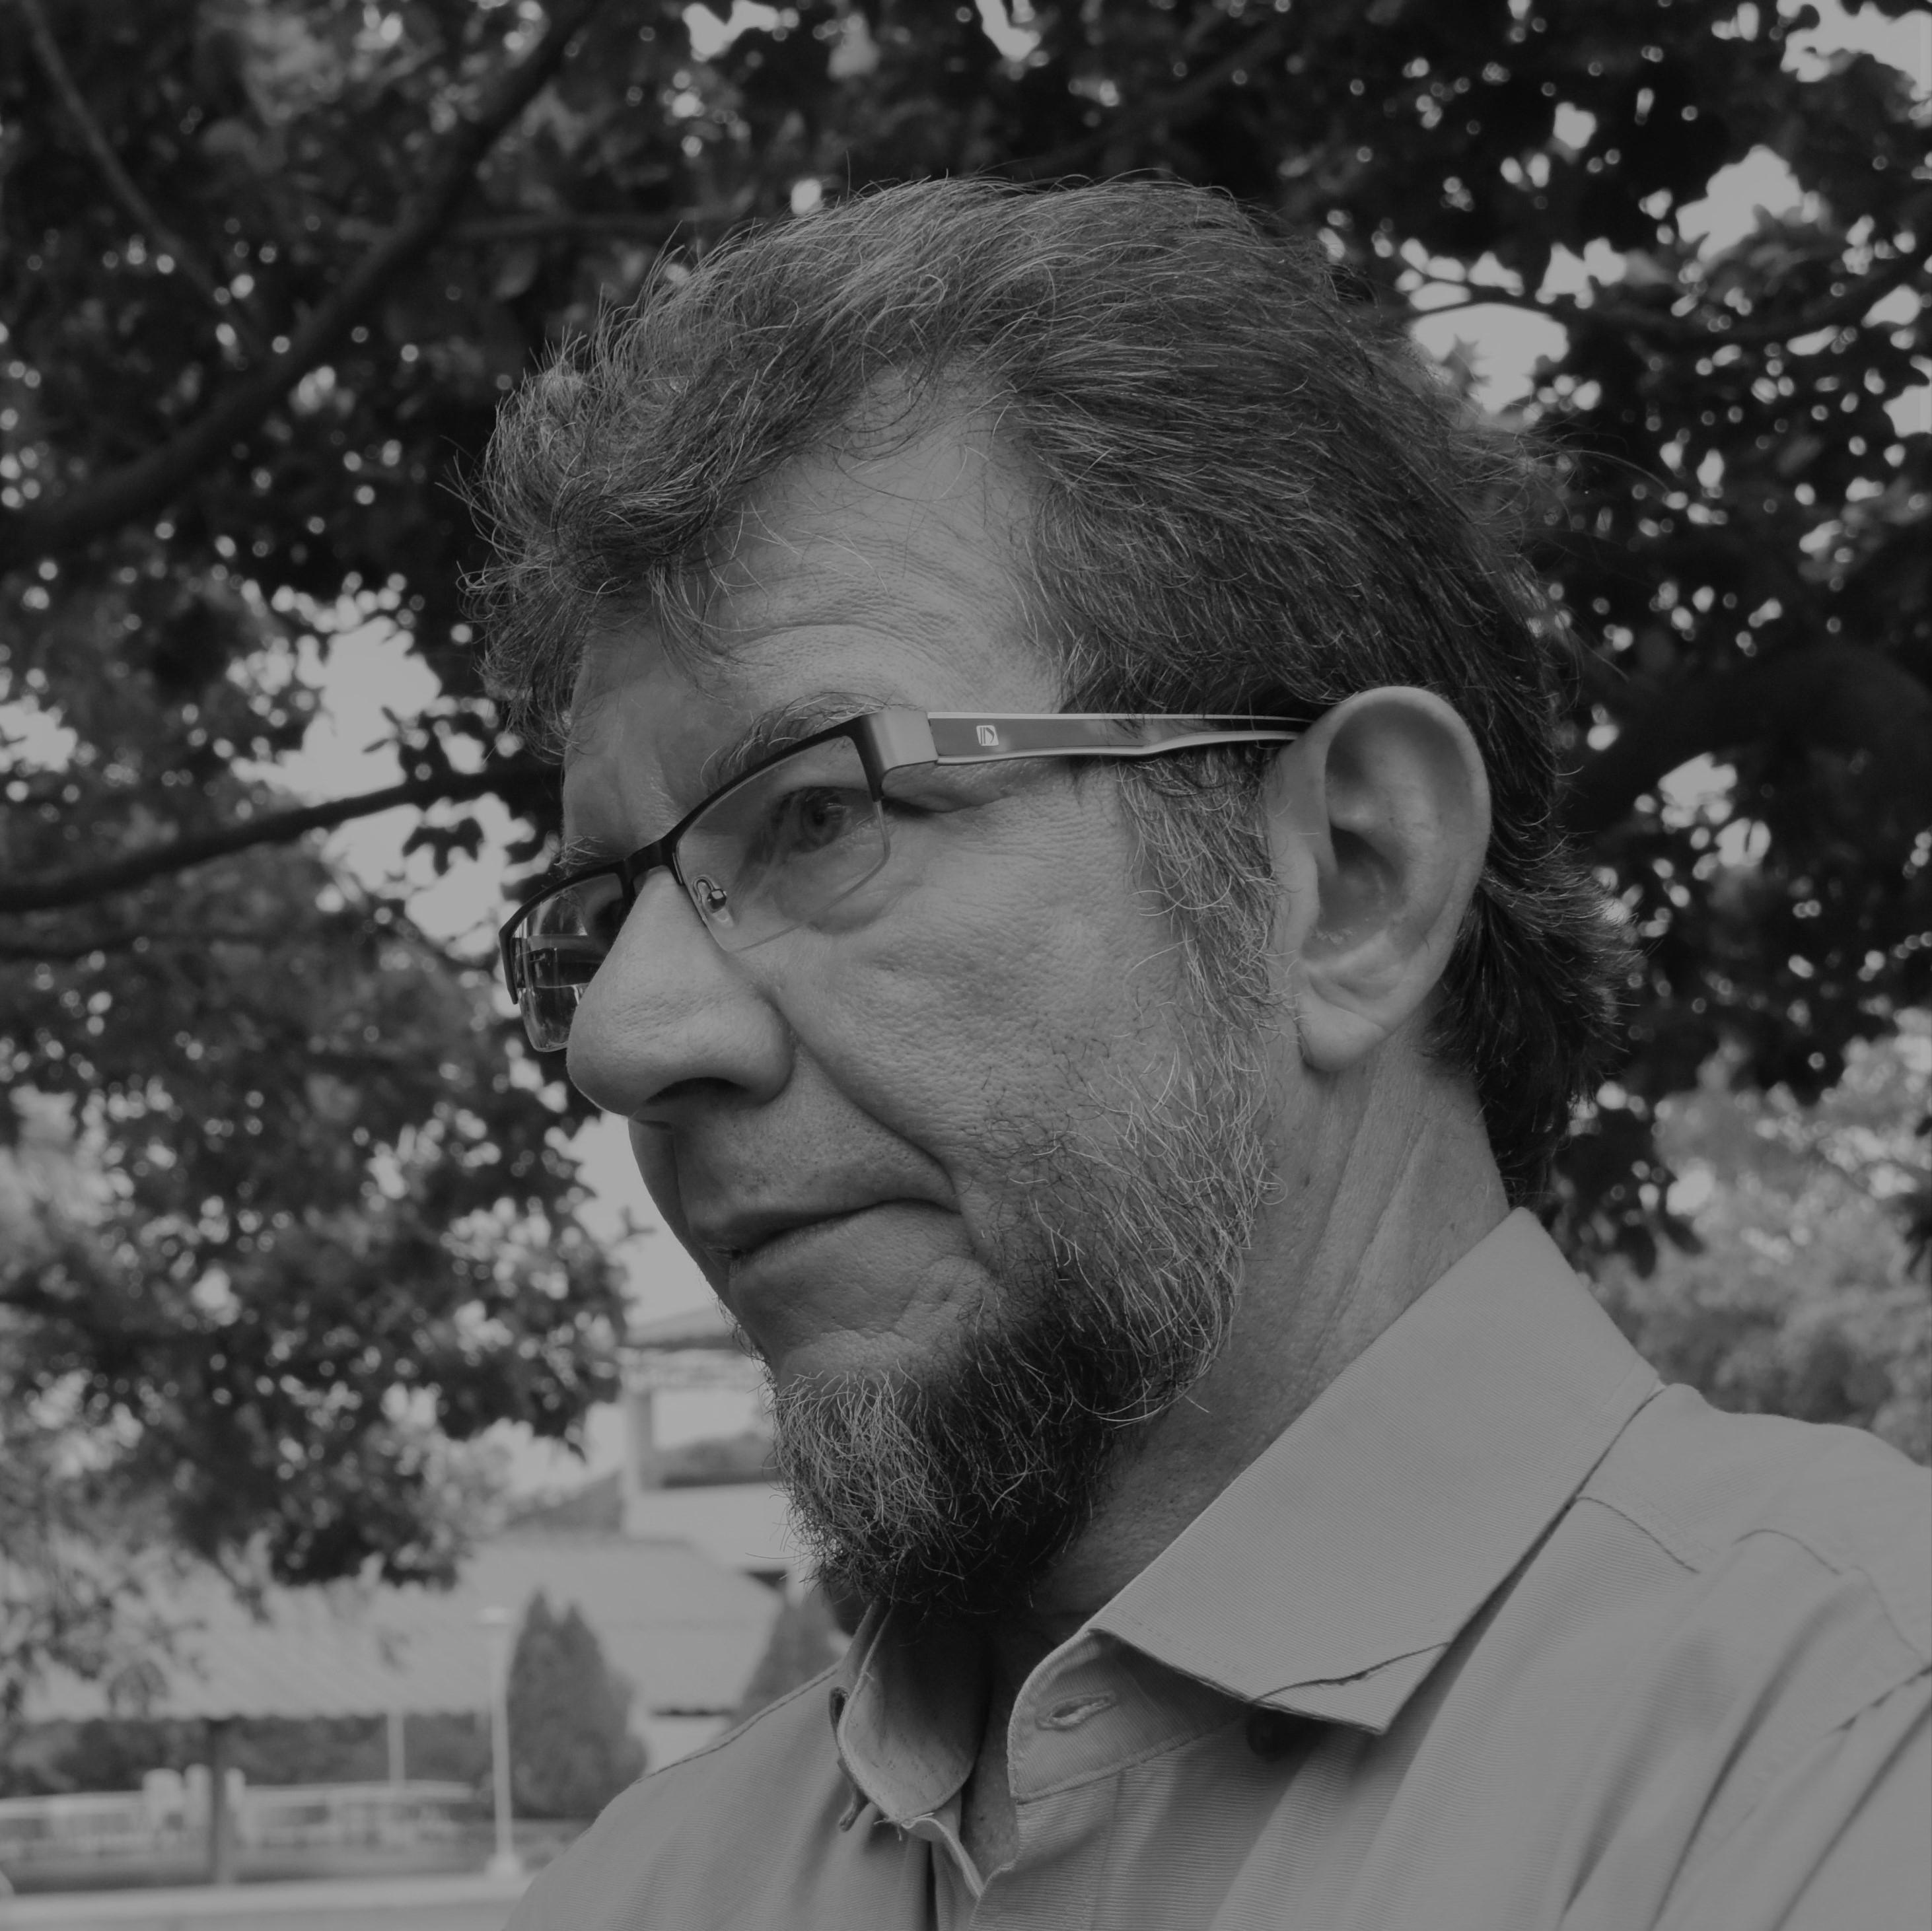 Cristo García Tapia